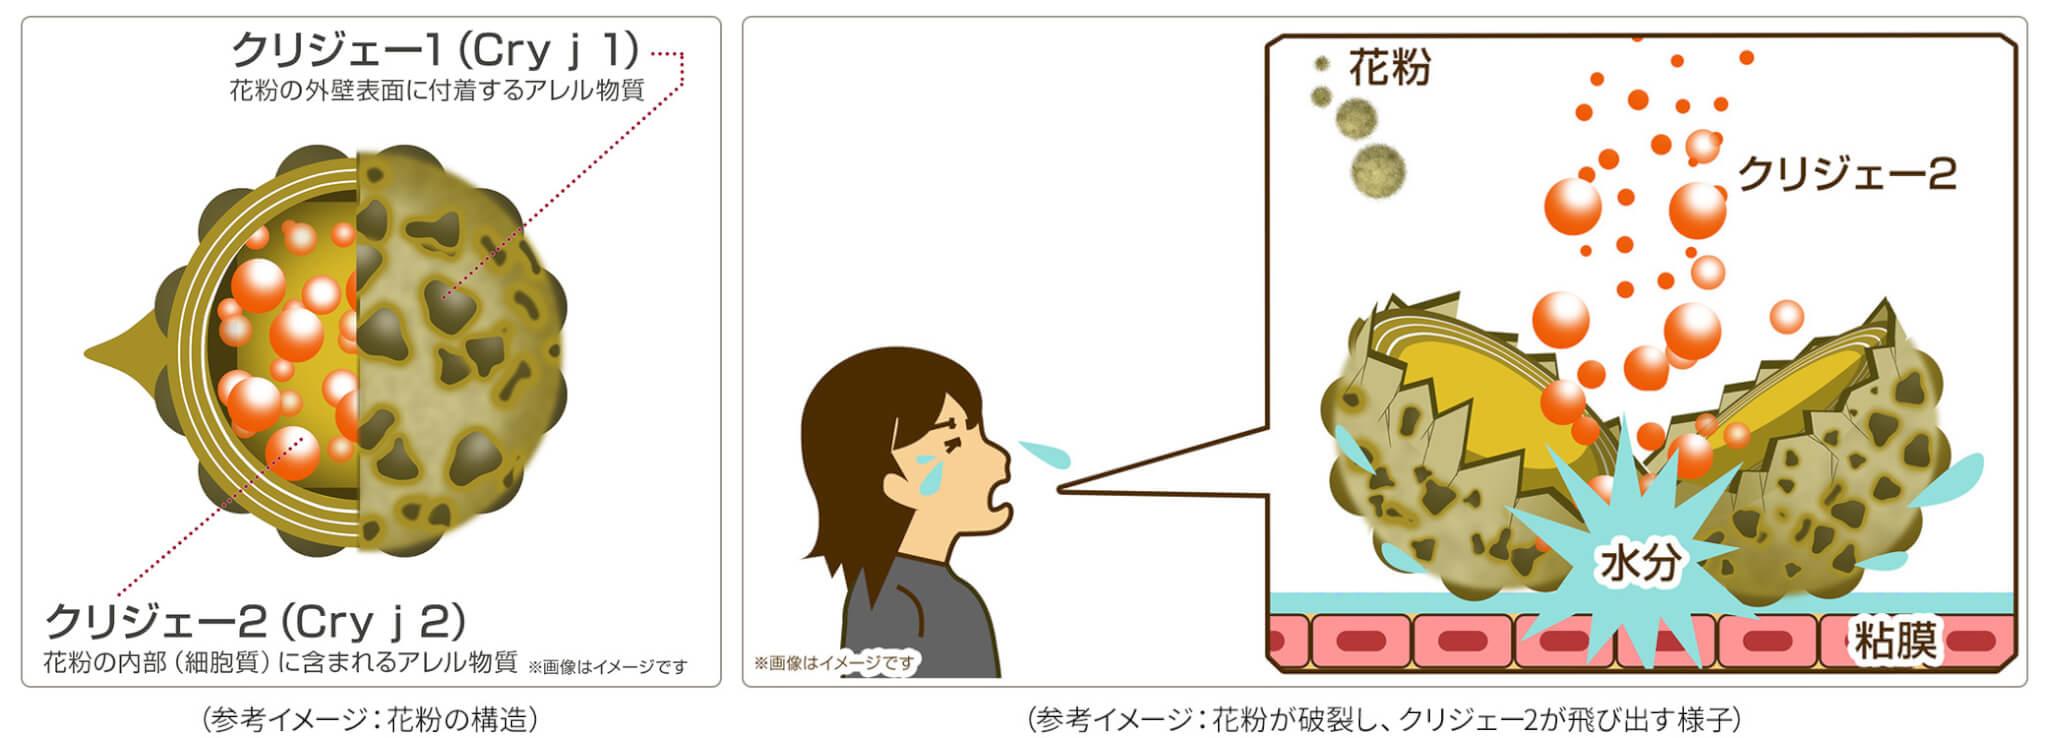 LG stylerの「花粉ケア」コース